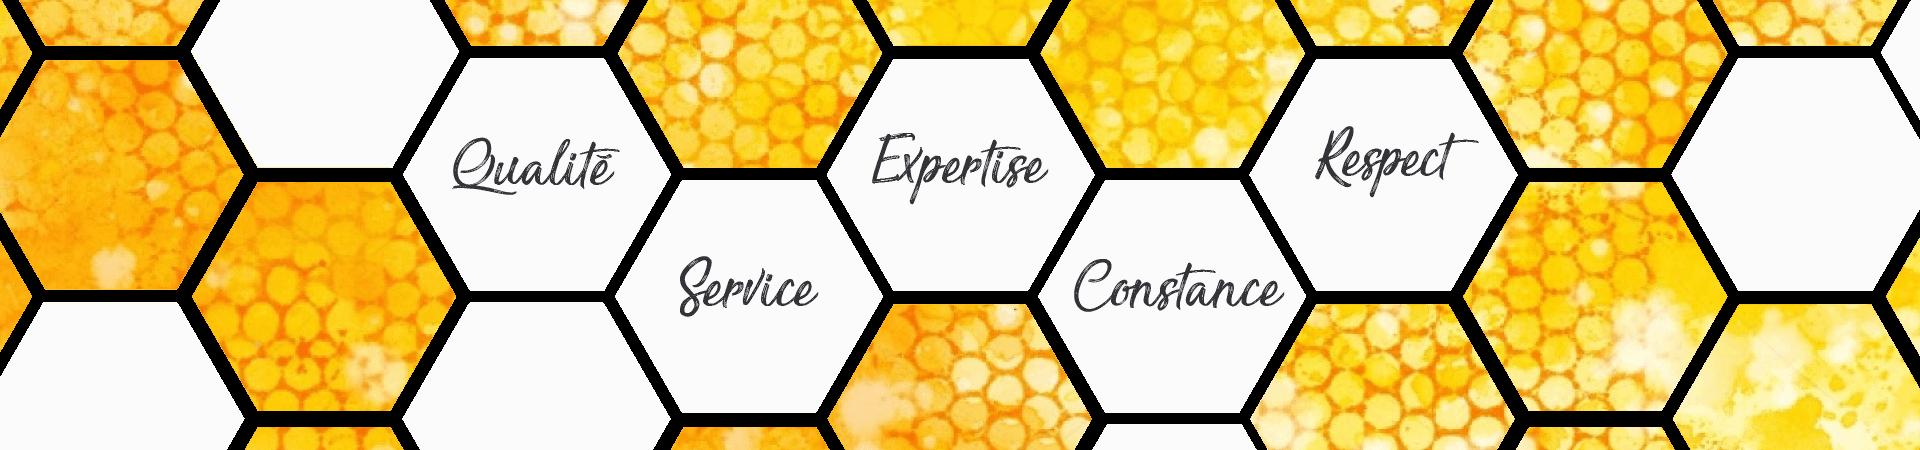 Qualité, service, expertise, constance, respect